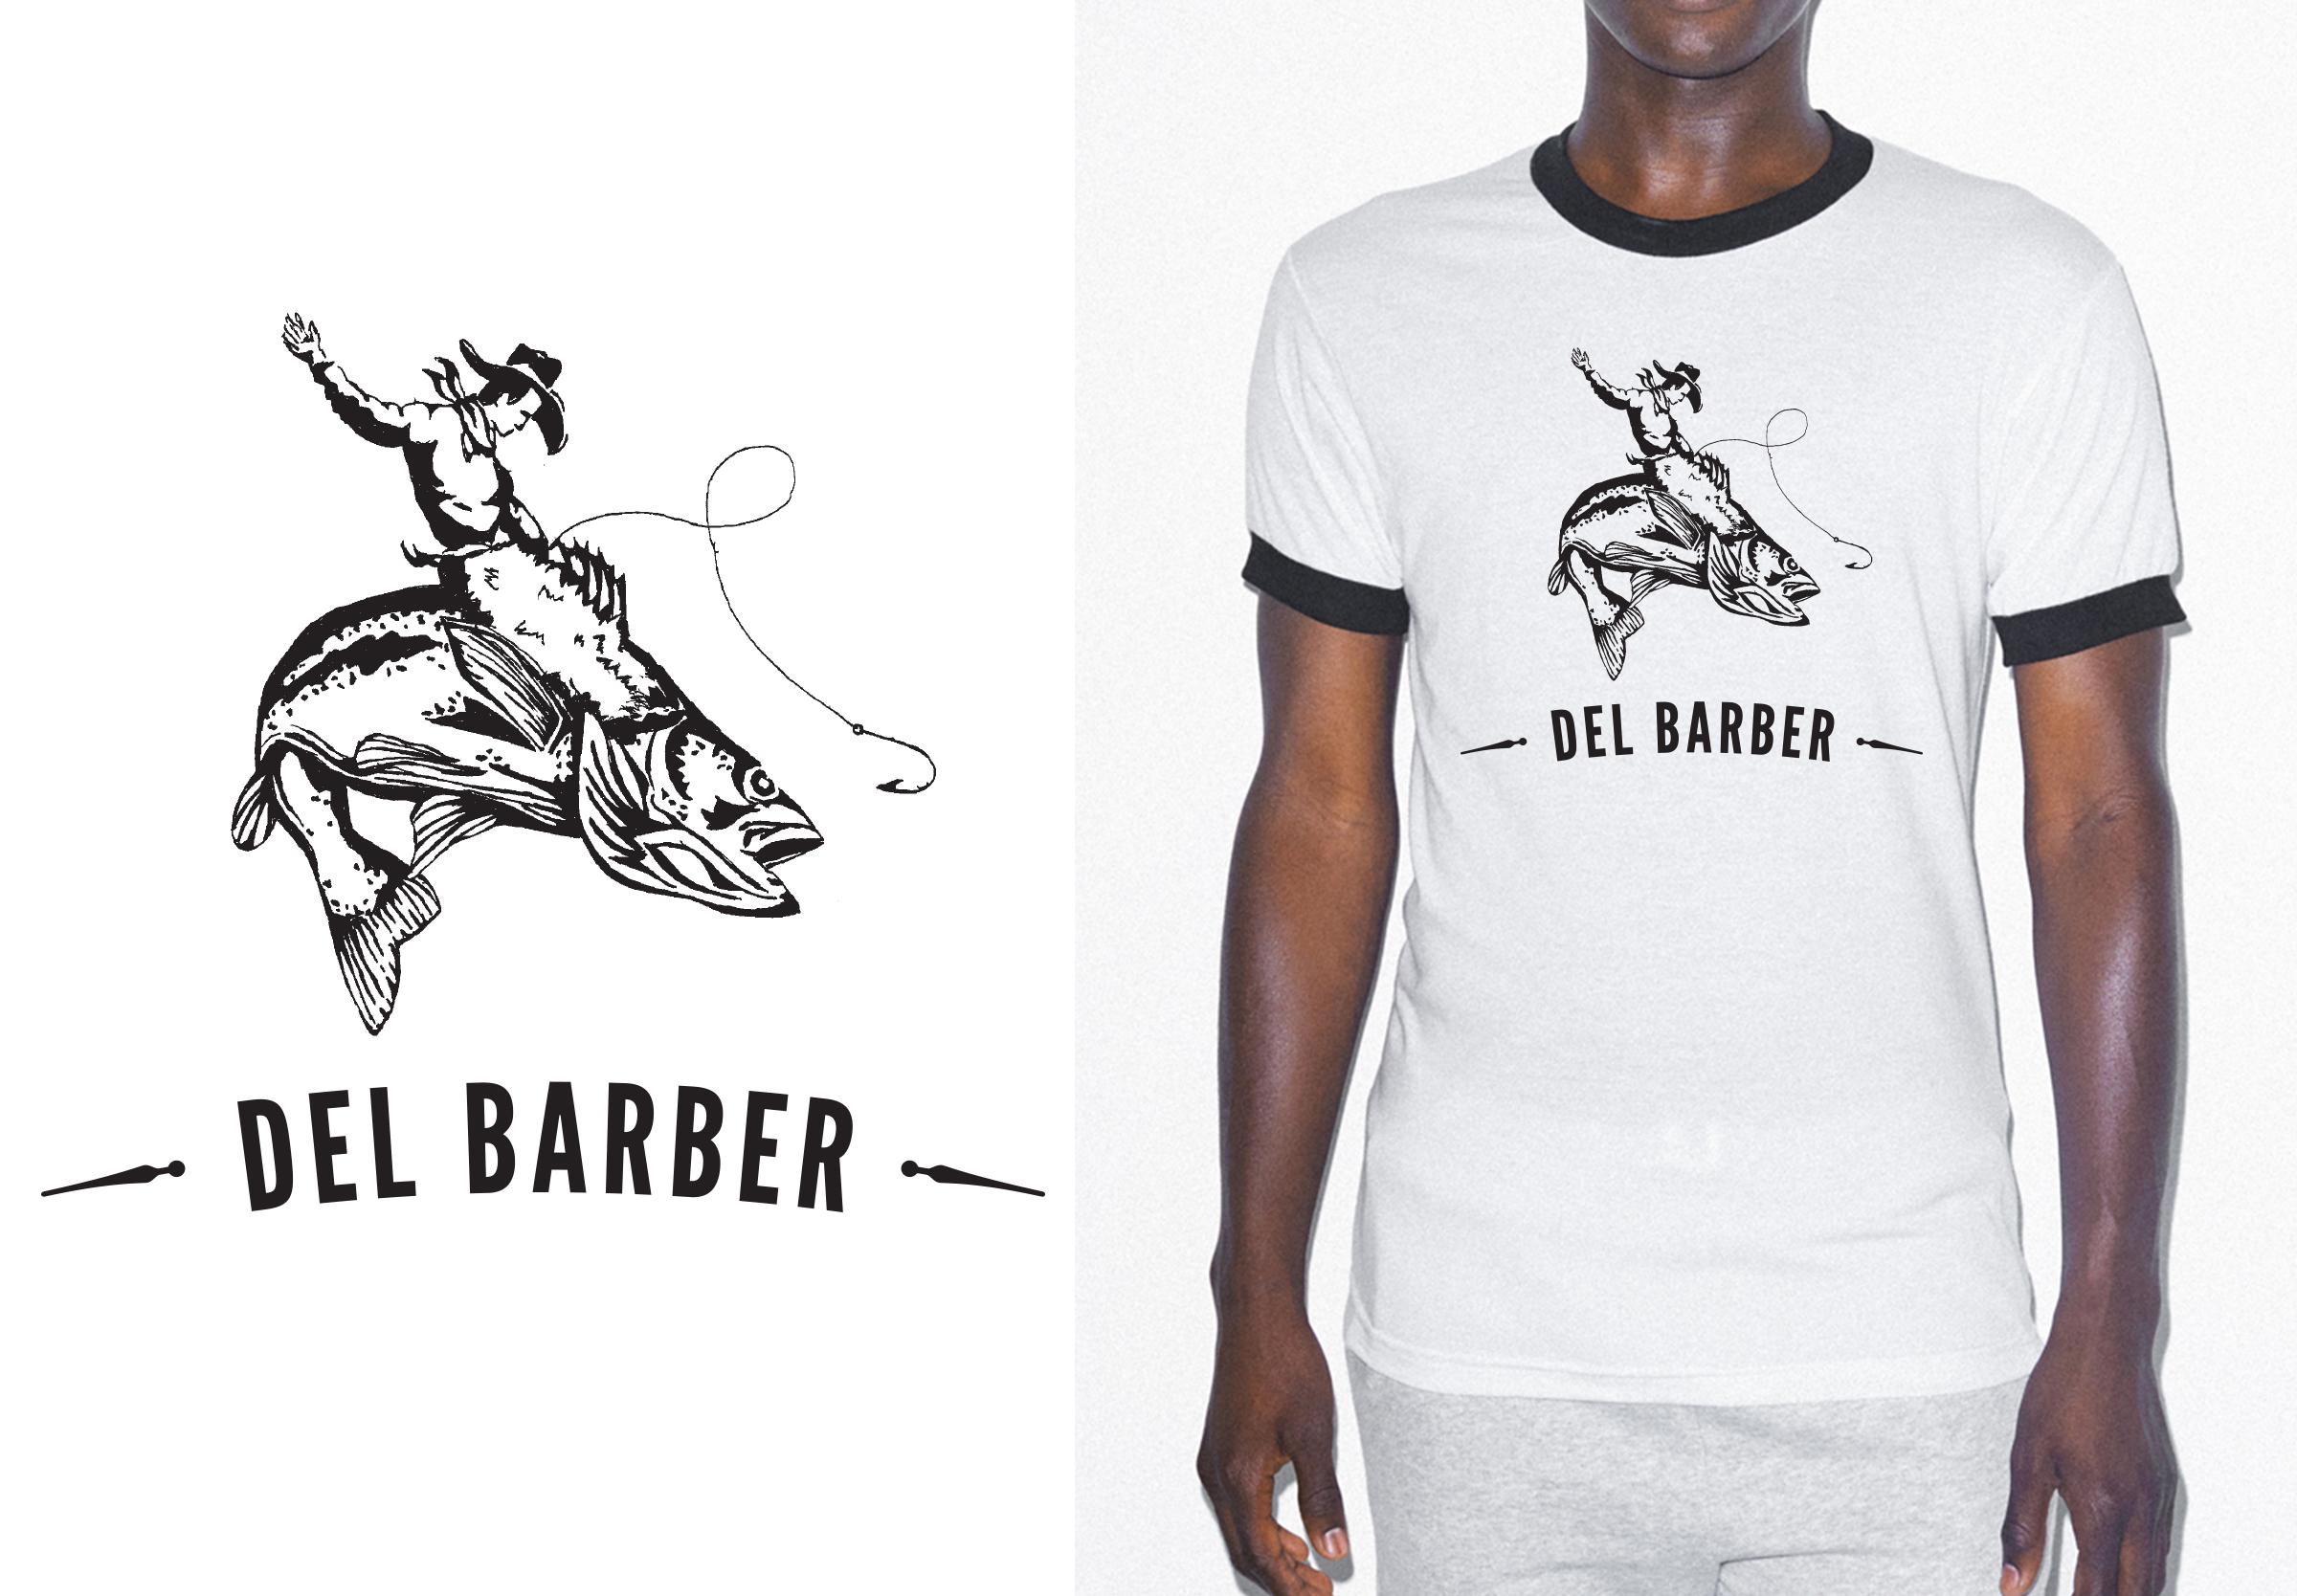 Del Barber